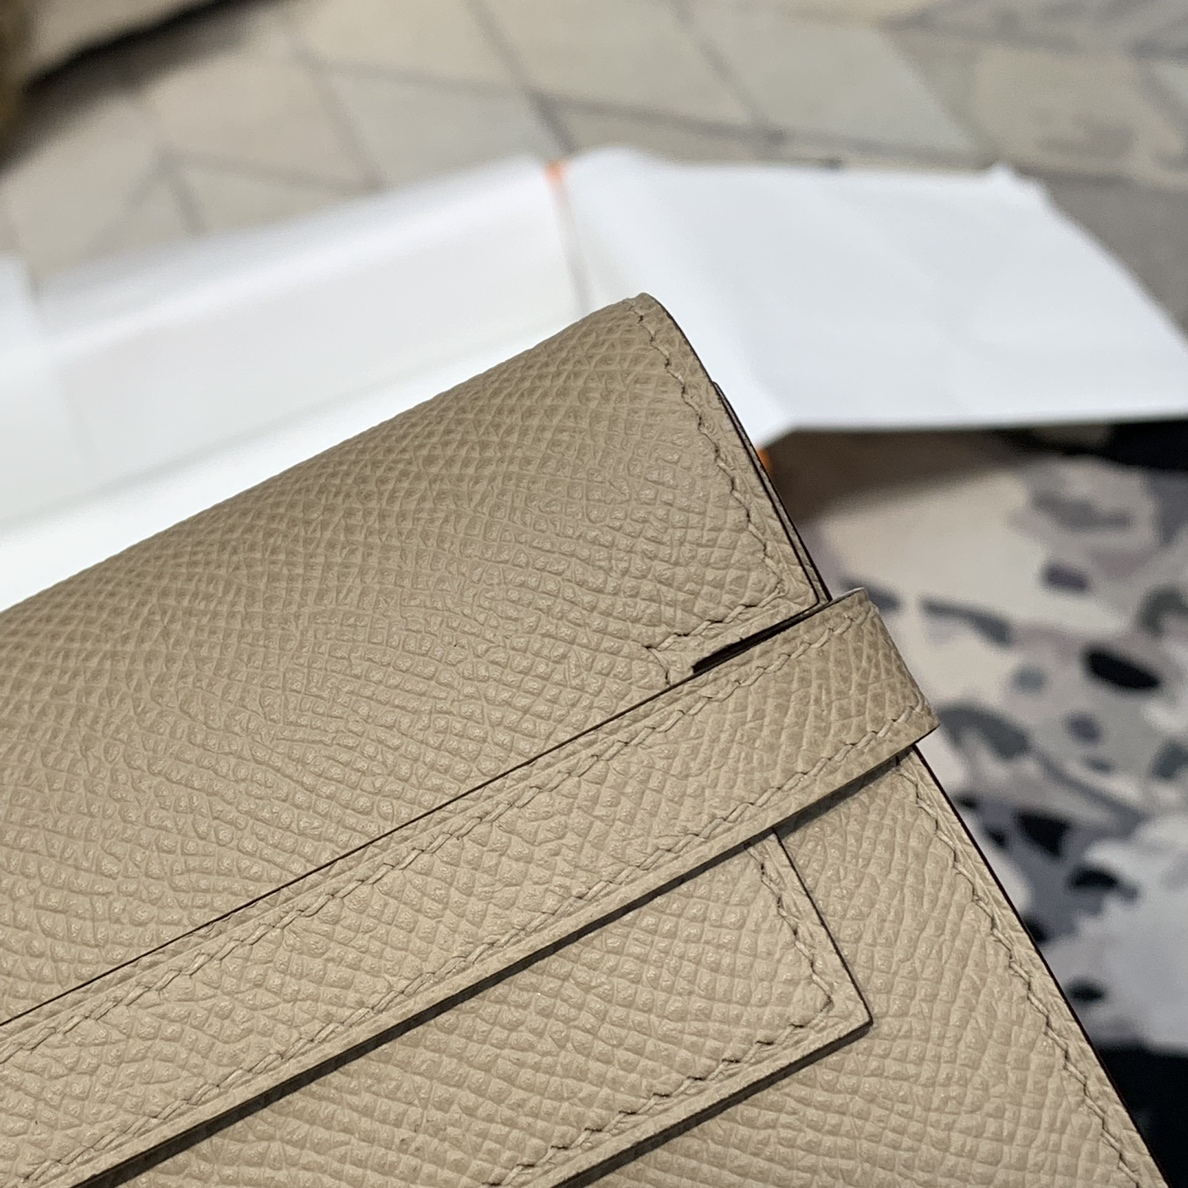 现货 Hermes钱包批发 爱马仕CK81浅灰色epsom牛皮凯莉手包钱夹 金扣